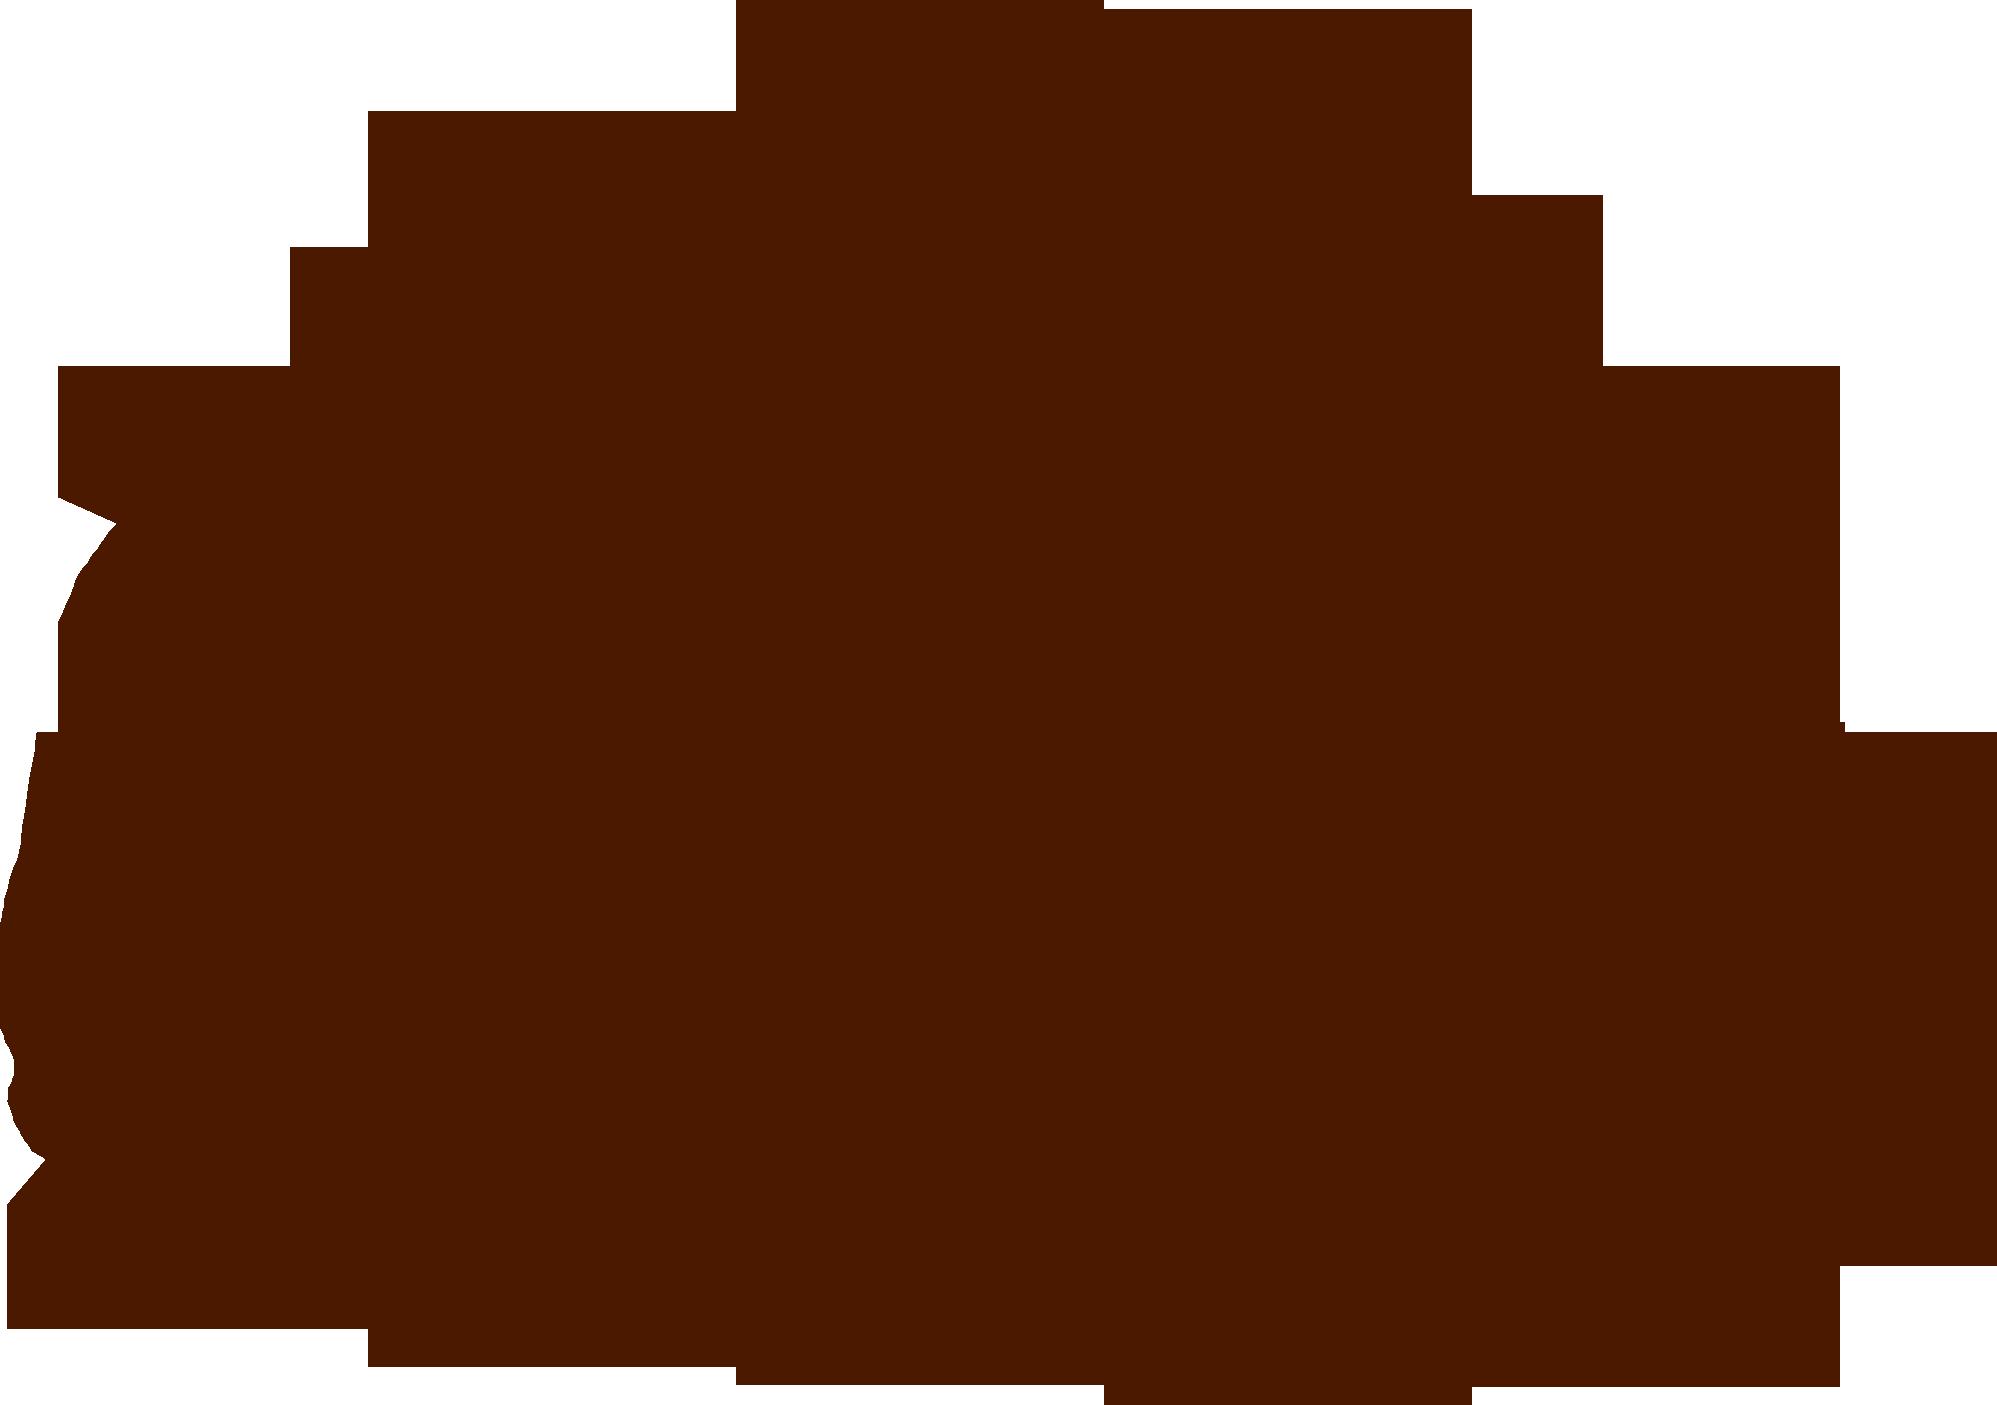 жукова наложила большую кучу говна — СС0/public domain